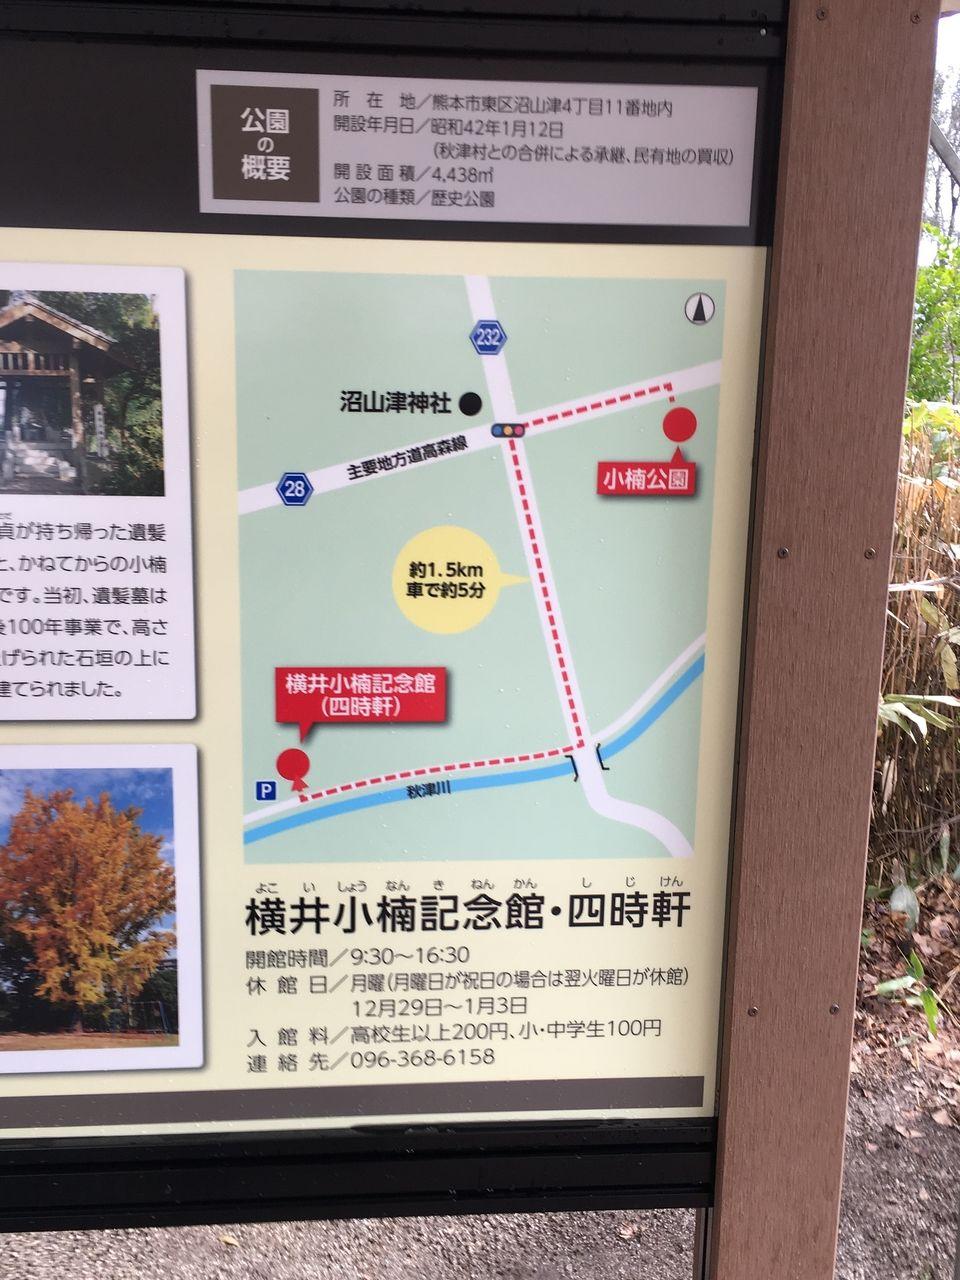 横井小楠記念館・四時軒の案内地図